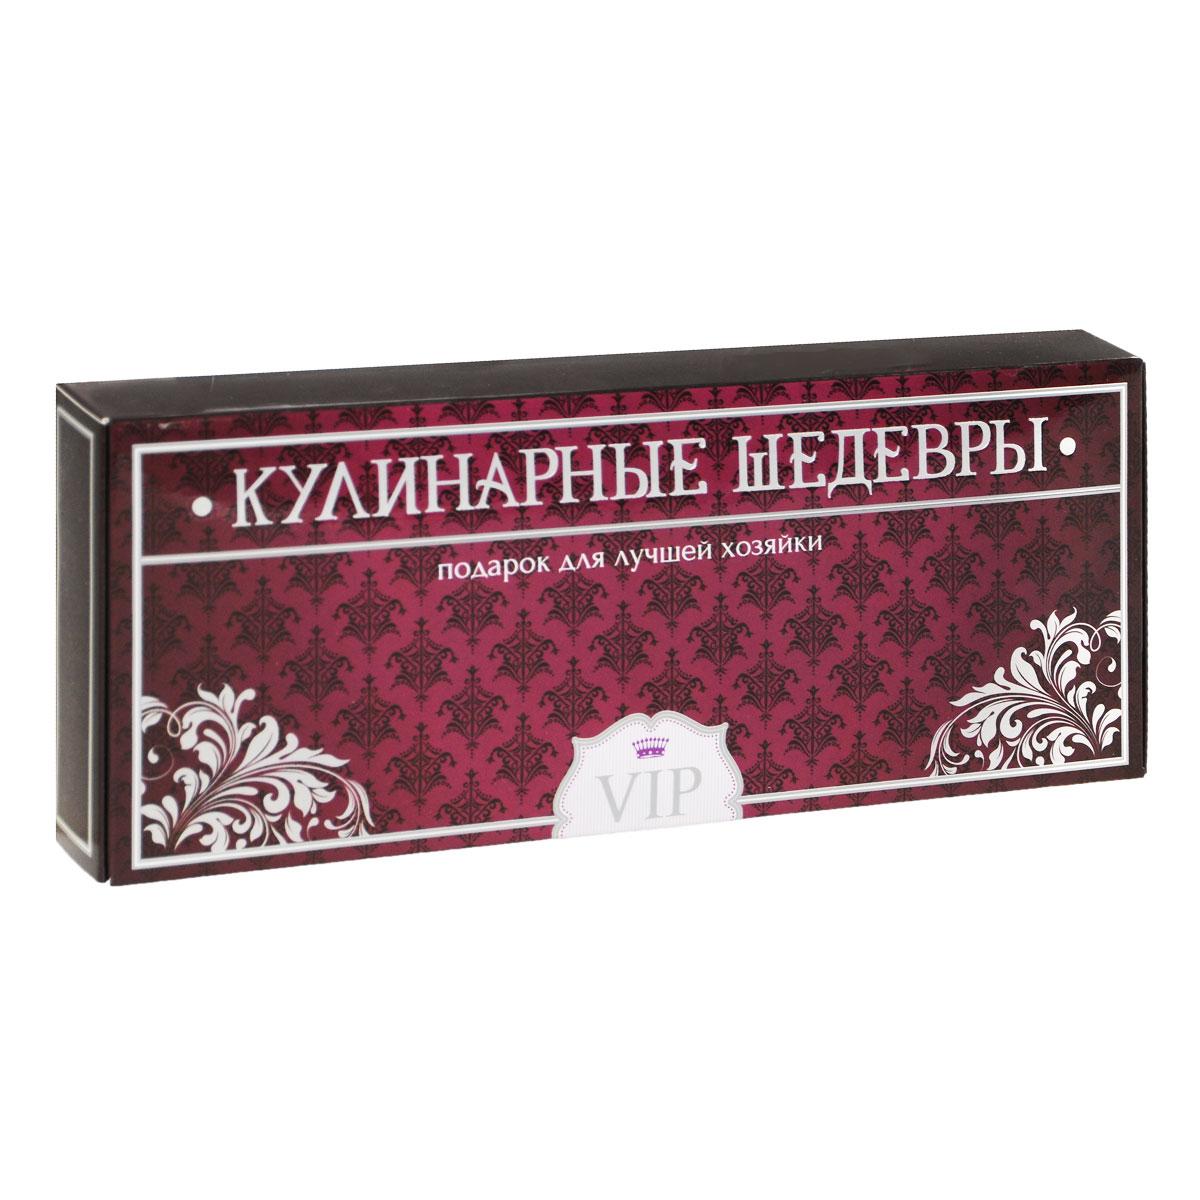 Дарья Ермакович Кулинарные шедевры. Подарок для лучшей хозяйки (комплект из 3 книг) дарья донцова три мешка хитростей